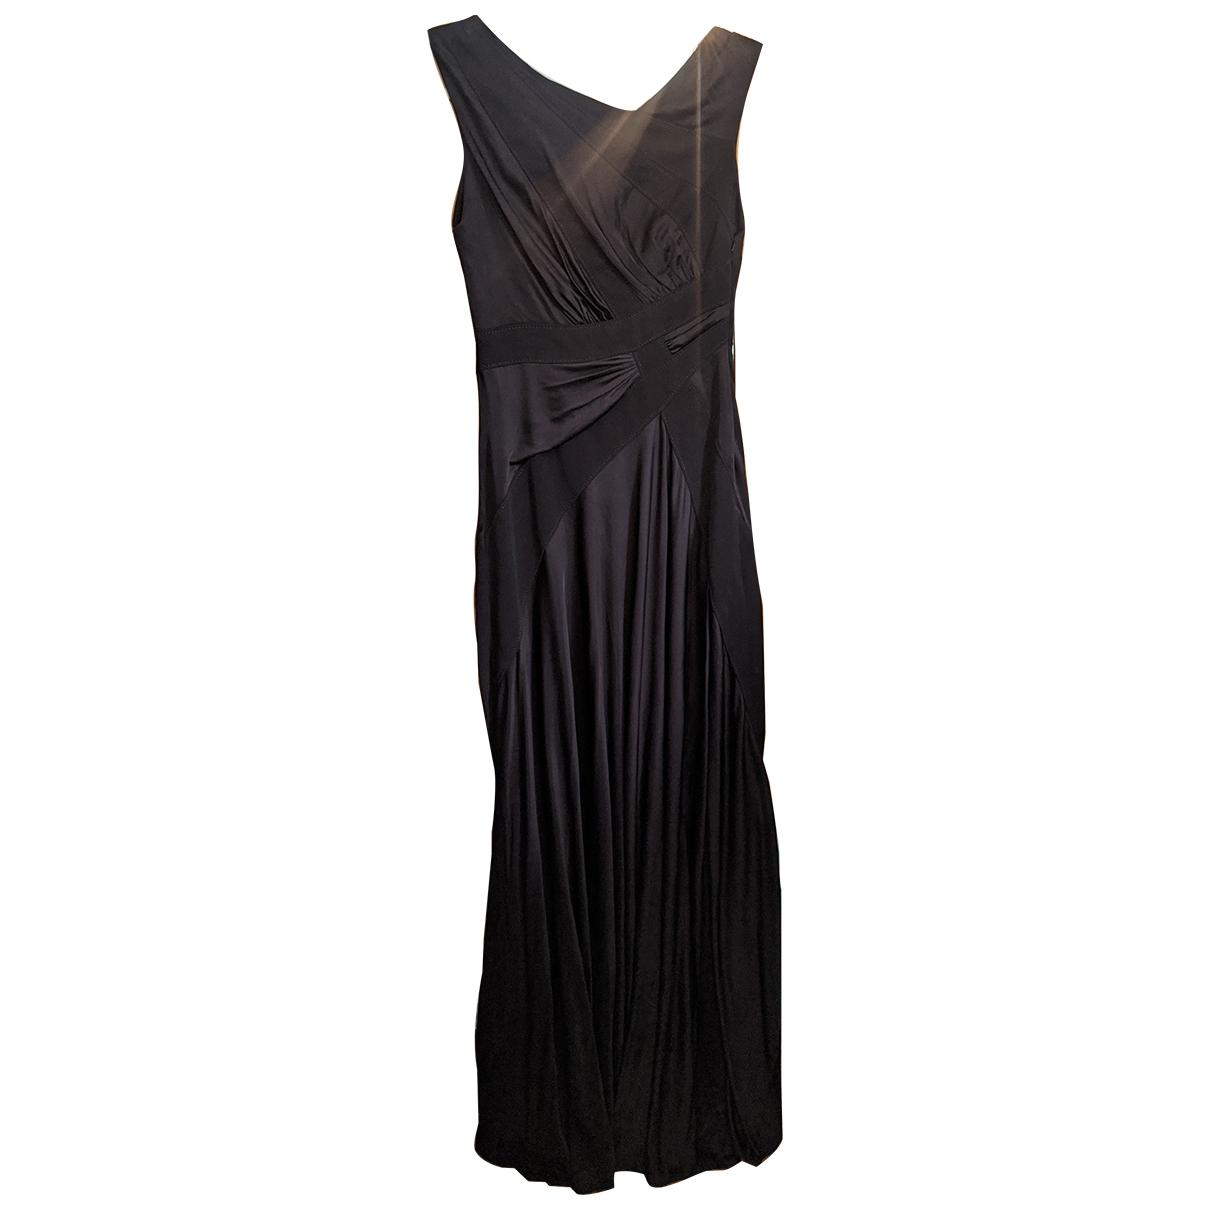 Karen Millen \N Kleid in  Schwarz Polyester